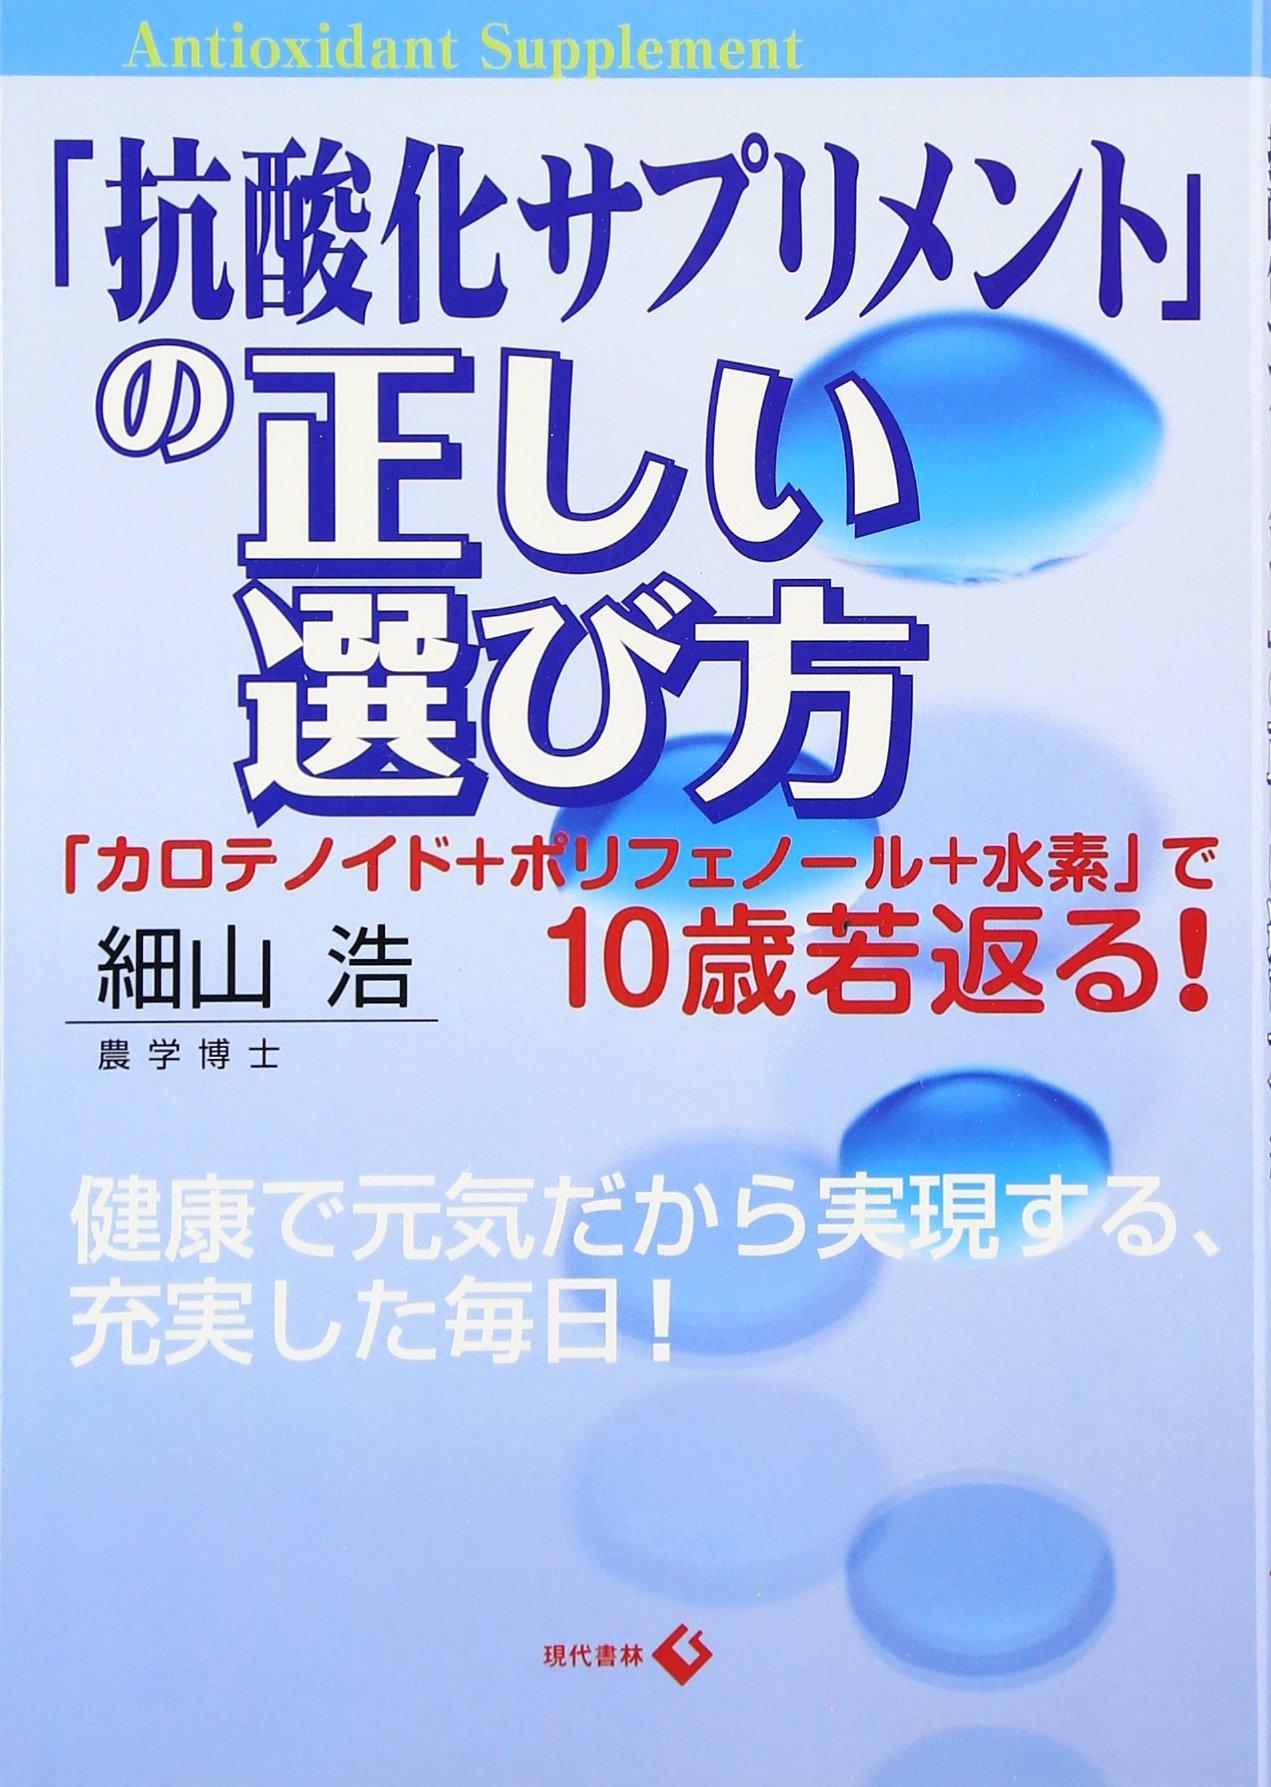 Read Online Kosanka sapurimento no tadashii erabikata : Karotenoido porifuenoru suiso de 10sai wakagaeru. pdf